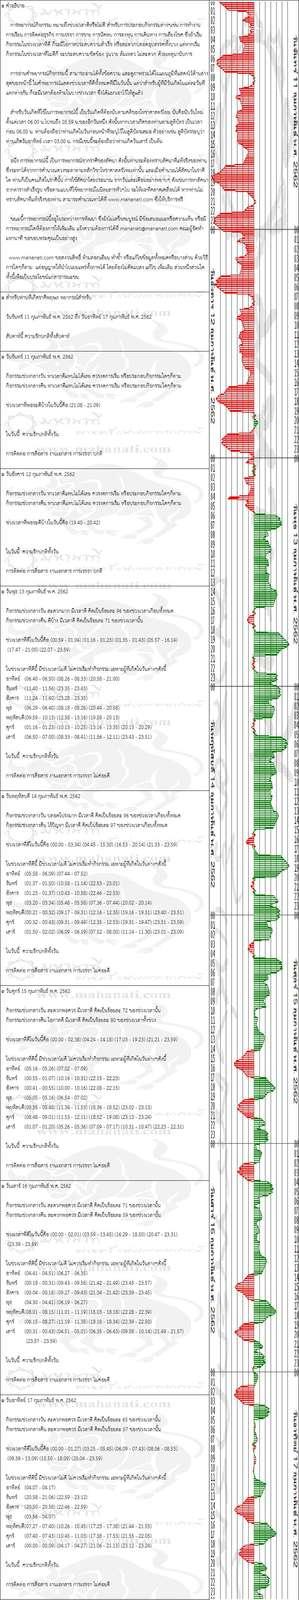 pmi6bfh2gCB9FaNgeEV-o.jpg